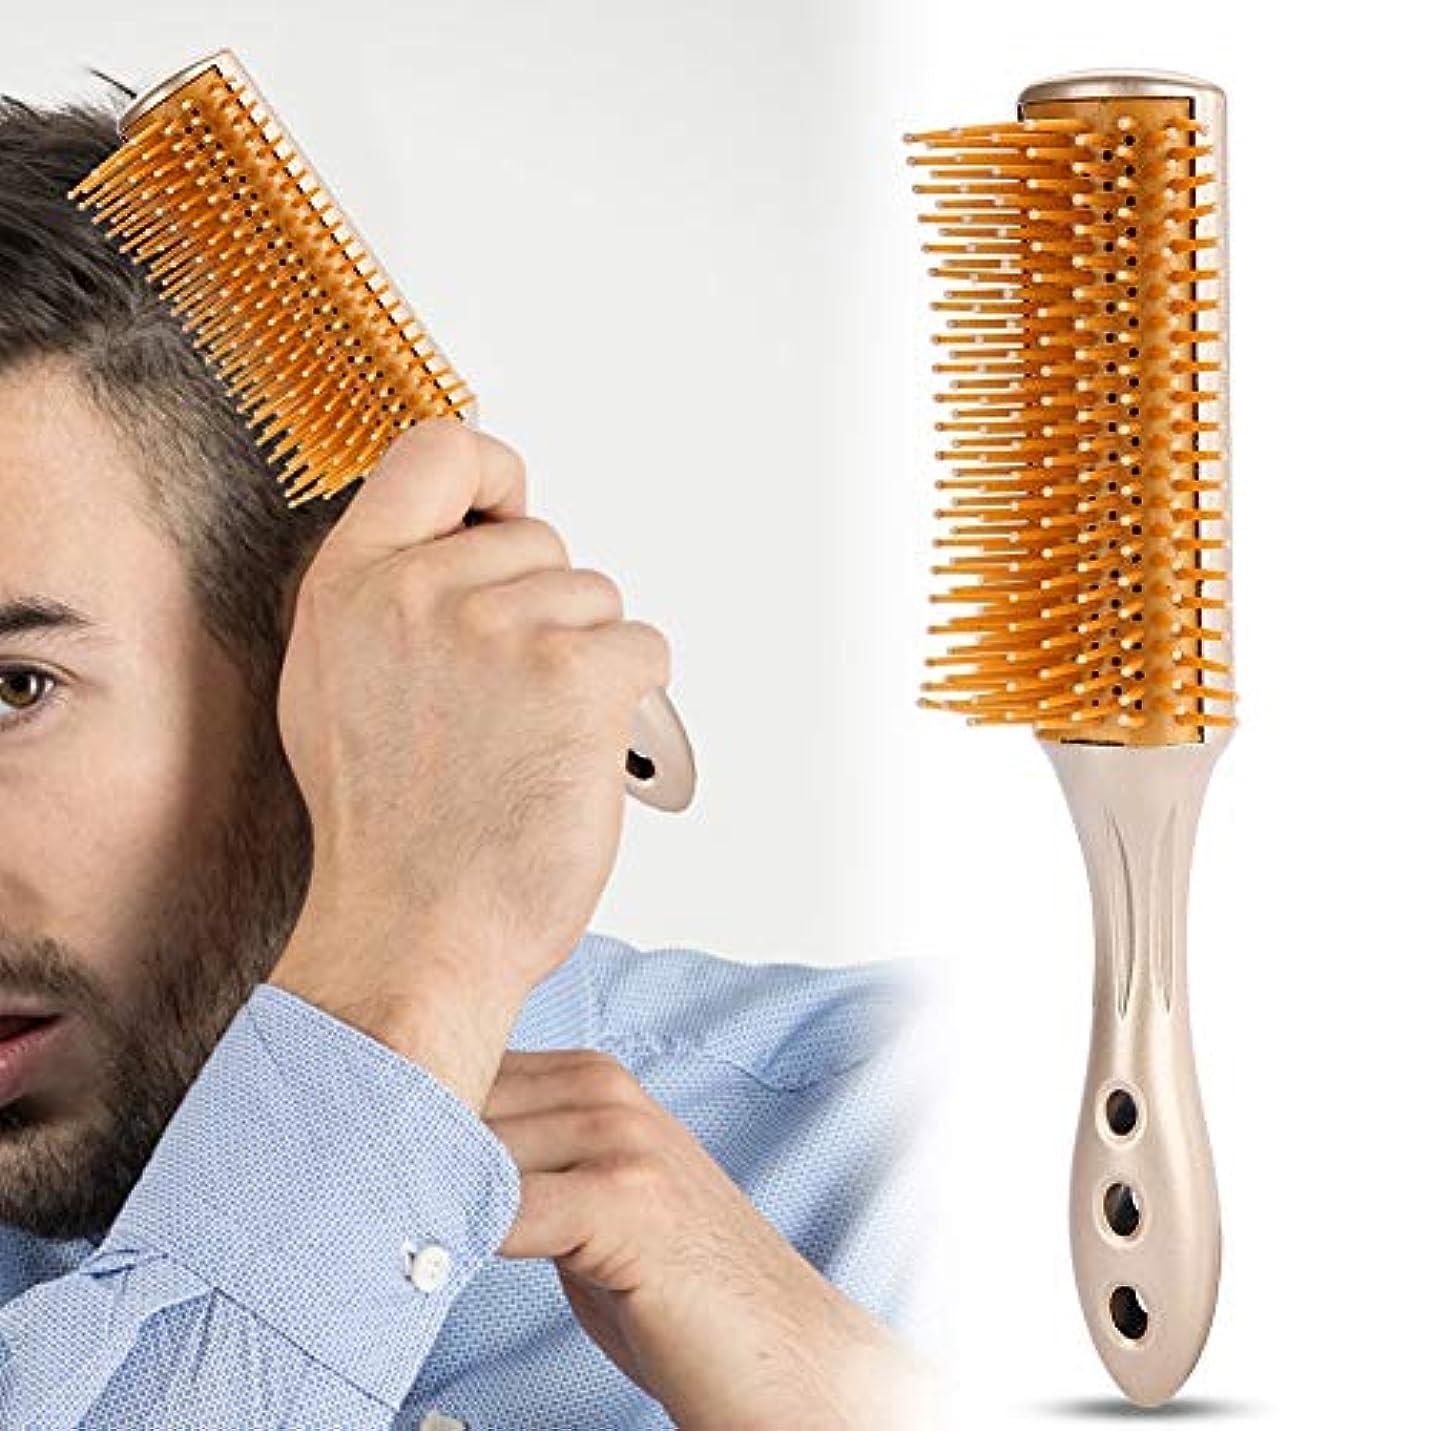 望ましい項目銅ロール美容櫛、9列の櫛 帯電防止ヘアマッサージ男性オイルヘッド櫛すべての髪のタイプのプロの美容スタイリングツール